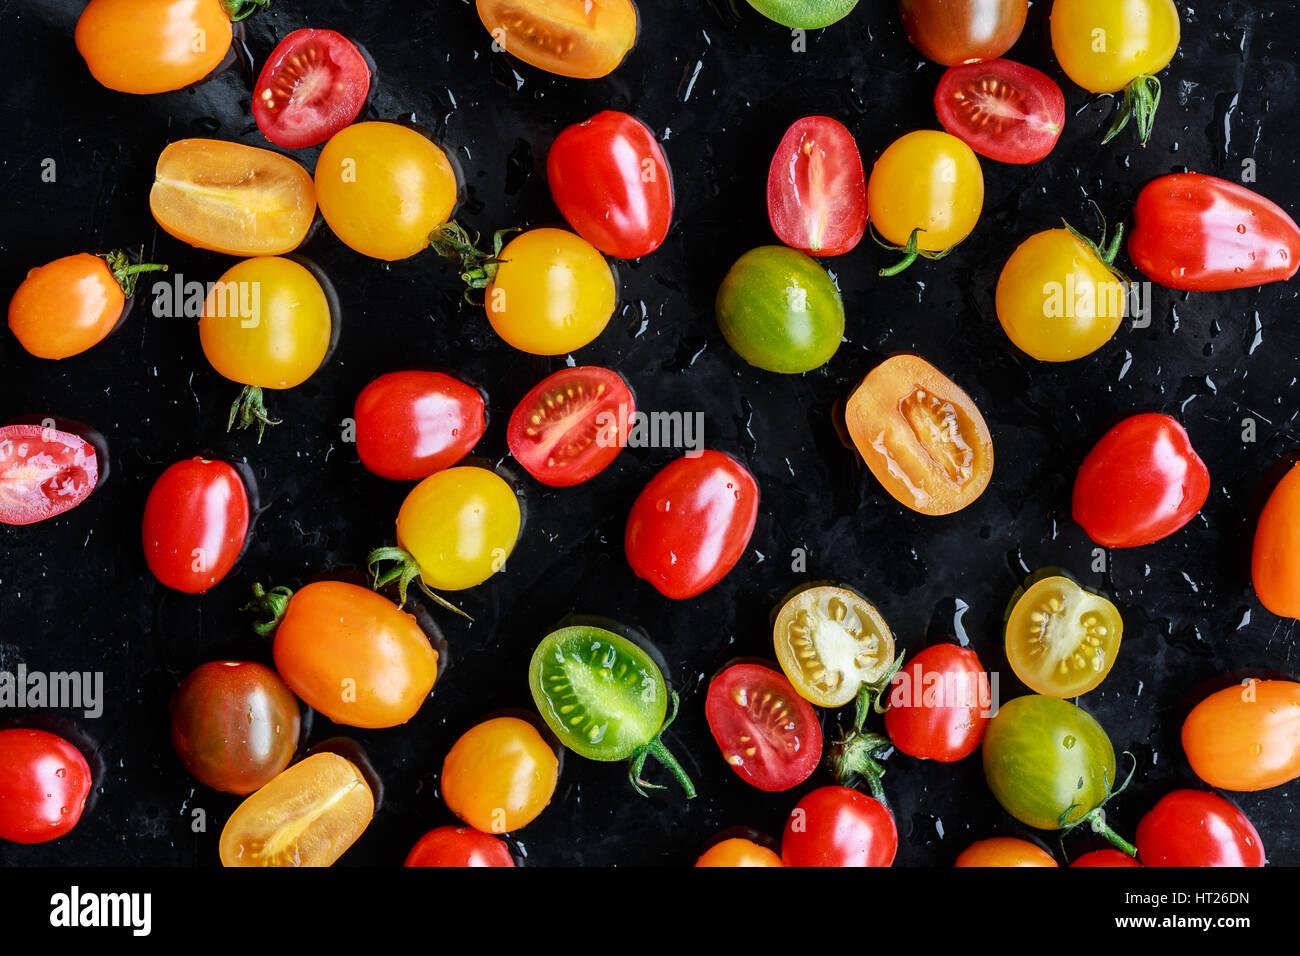 Mehrfarbige Tomaten auf schwarzem Hintergrund Stockbild